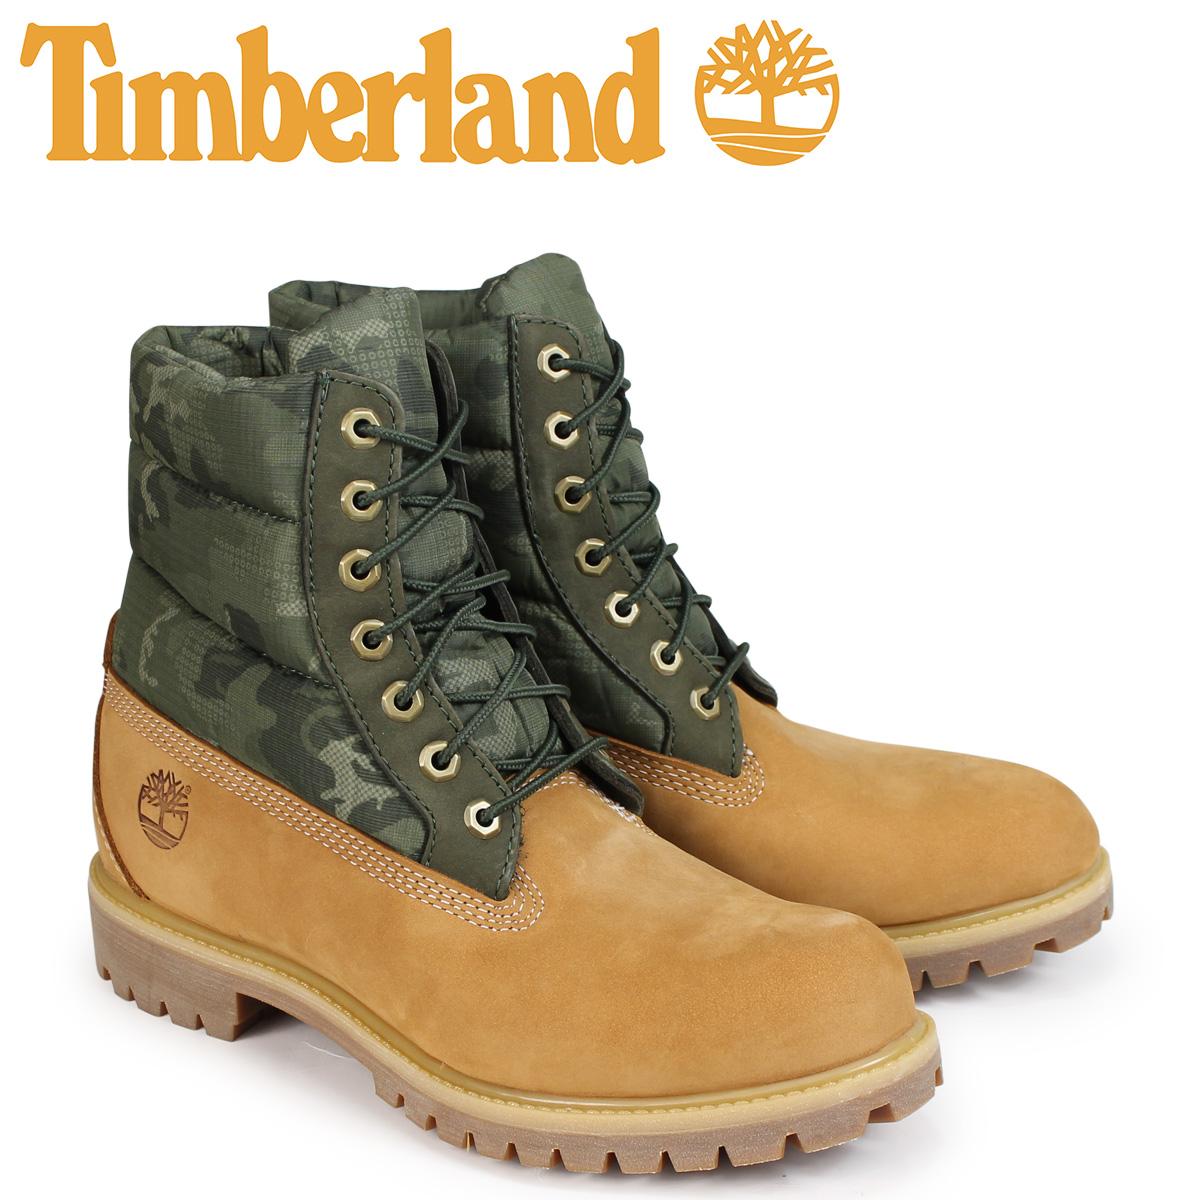 ティンバーランド ブーツ メンズ 6インチ Timberland 6-INCH PREMIUM PUFF BOOTS A1ZRH Wワイズ ウィート [10/23 新入荷]